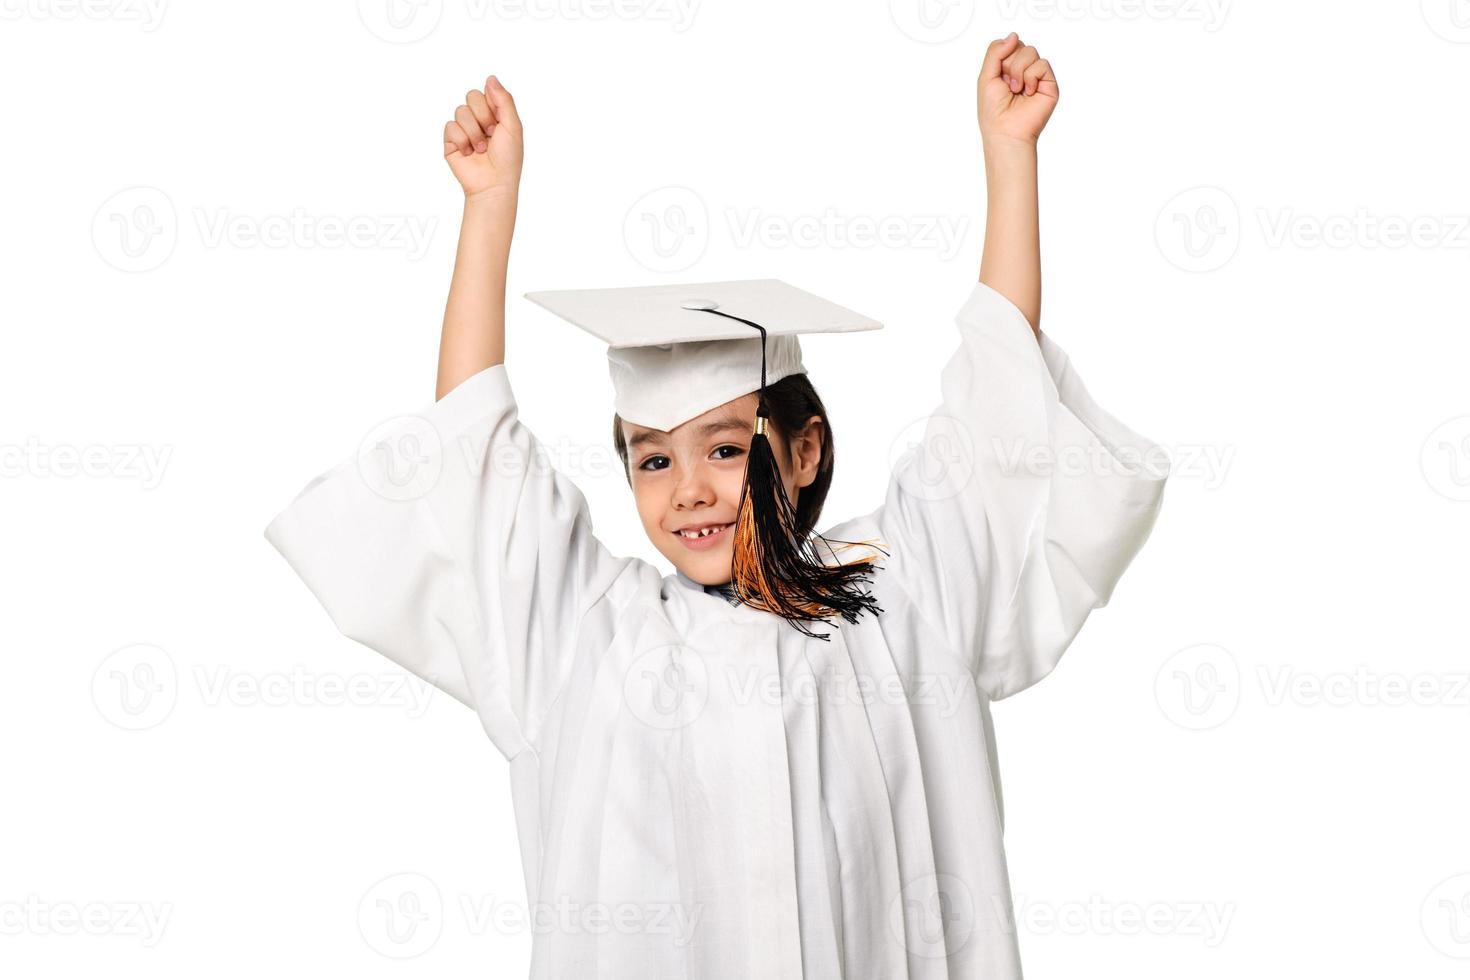 piccolo tifo laureato foto